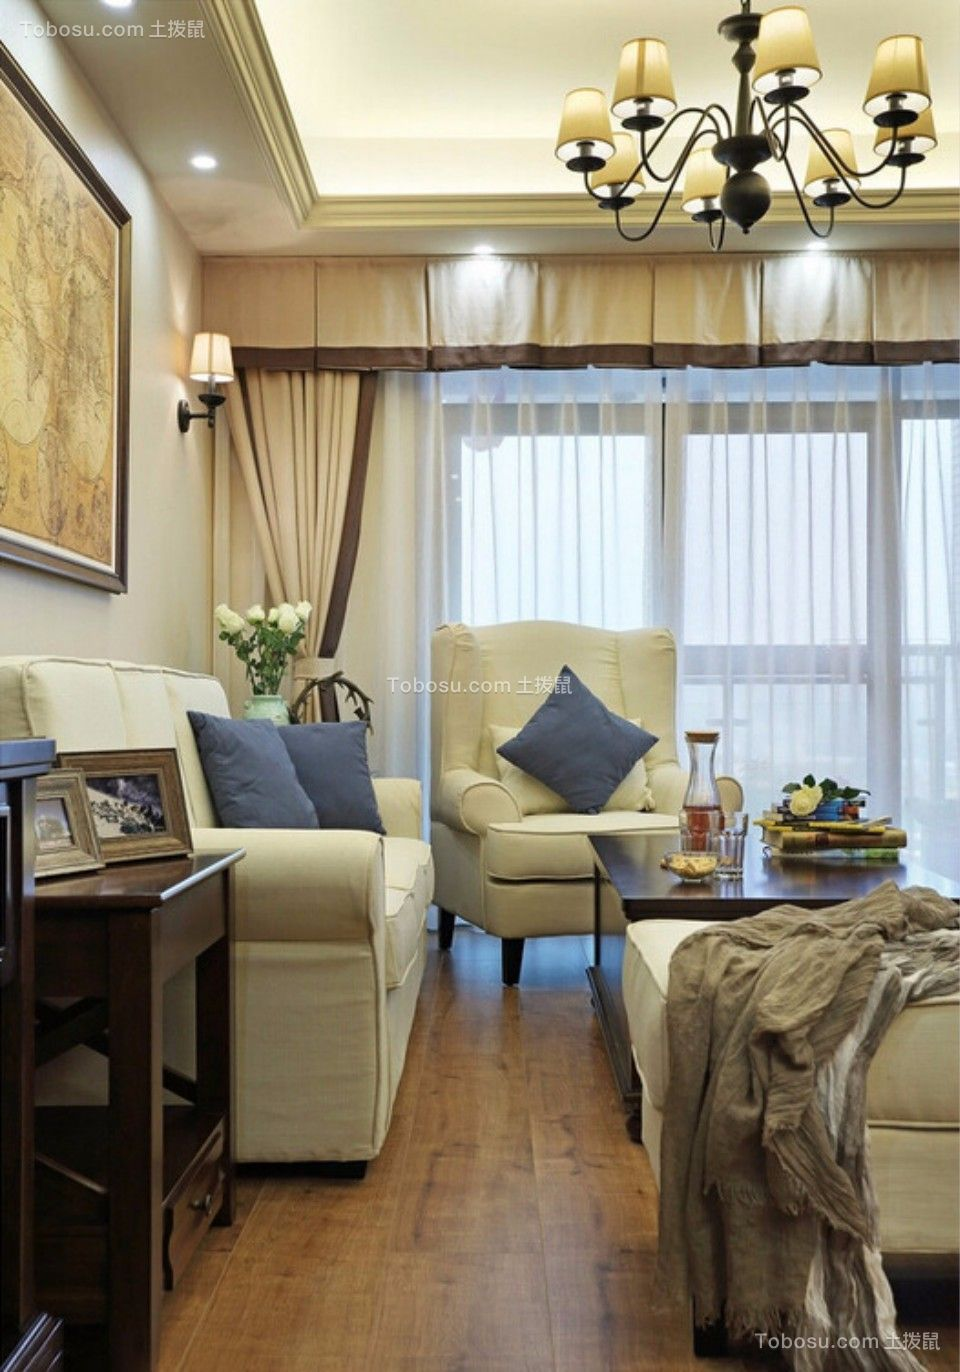 客厅 沙发_城南锦绣70平两室一厅美式装修效果图